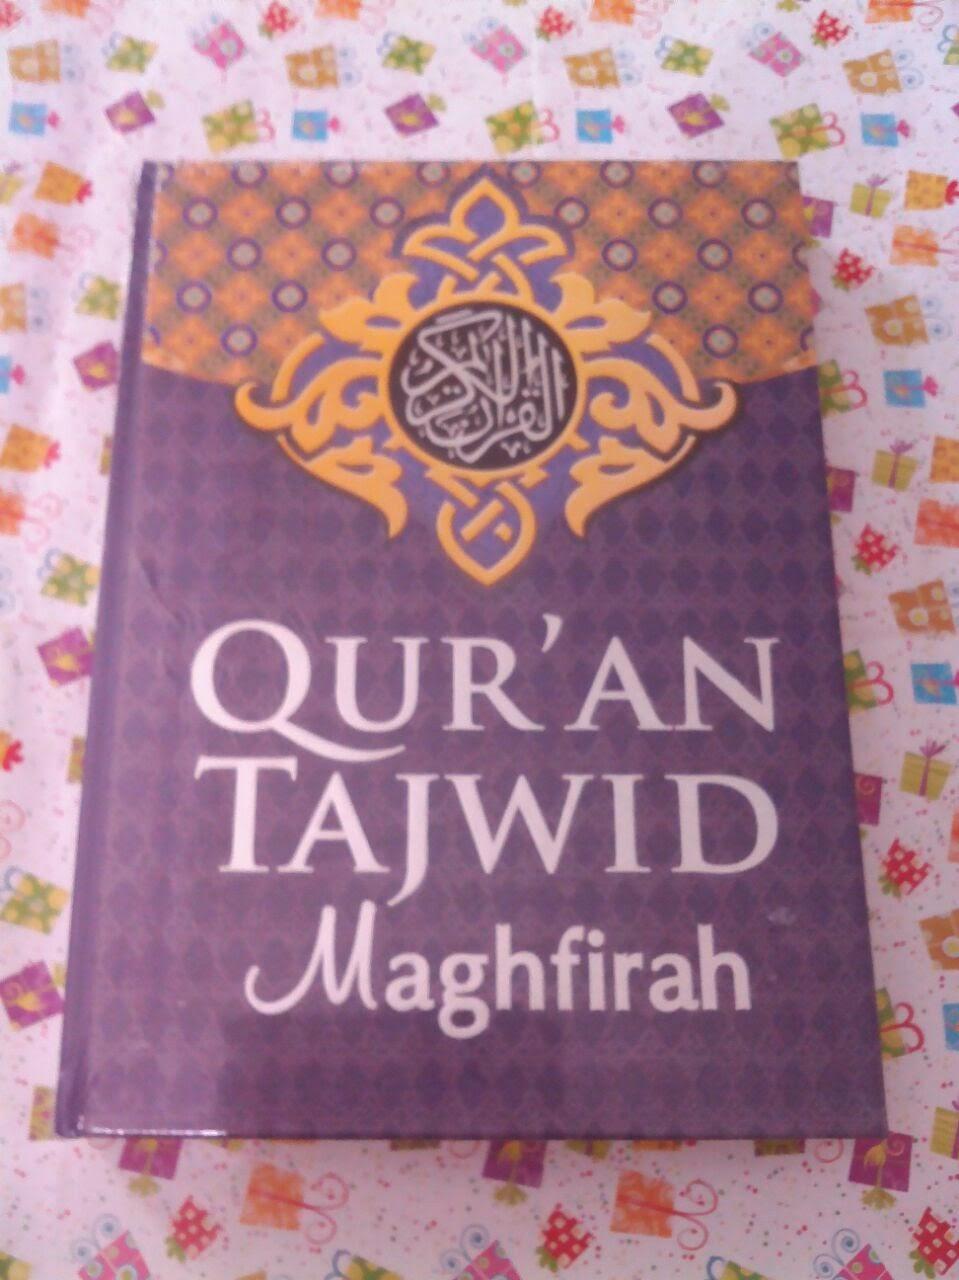 al quran rainbow tajwid, al quran rainbow tajwid maghfirah al-hakam, al quran rainbow tajwid al-hakam murah